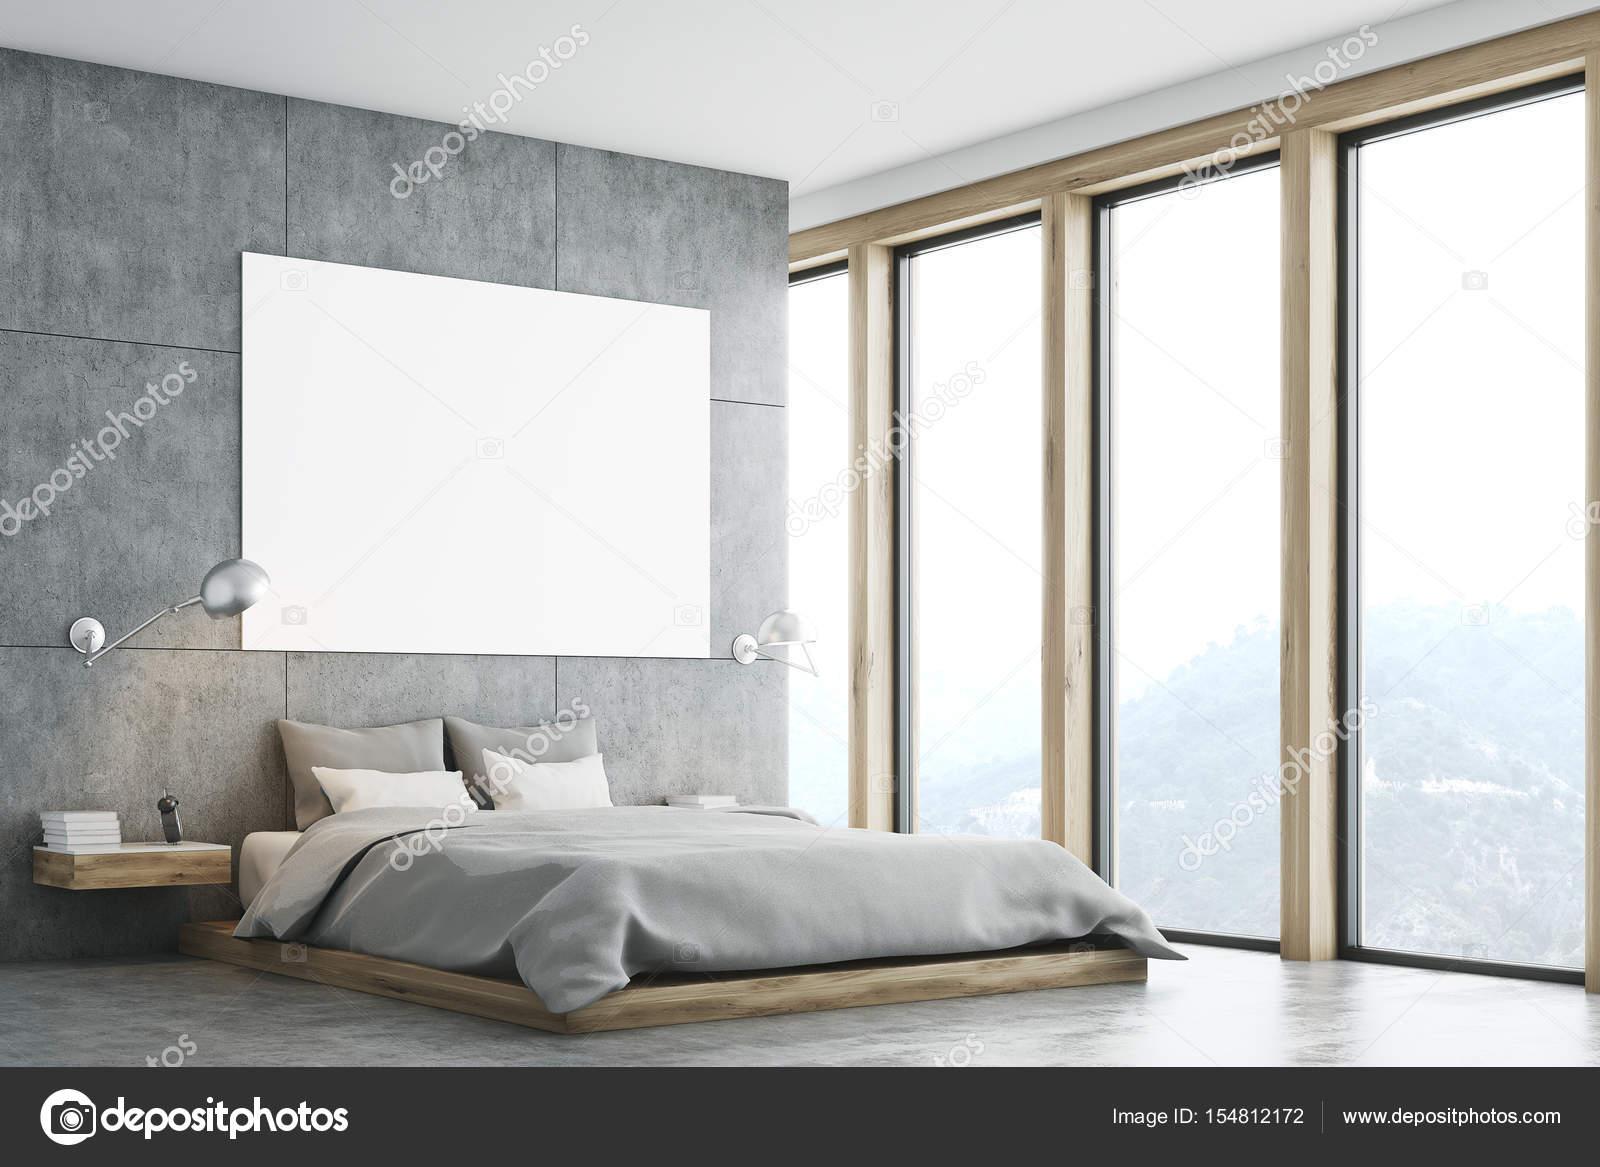 Sypialnia Szary Z Plakatu I Okna Zdjęcie Stockowe